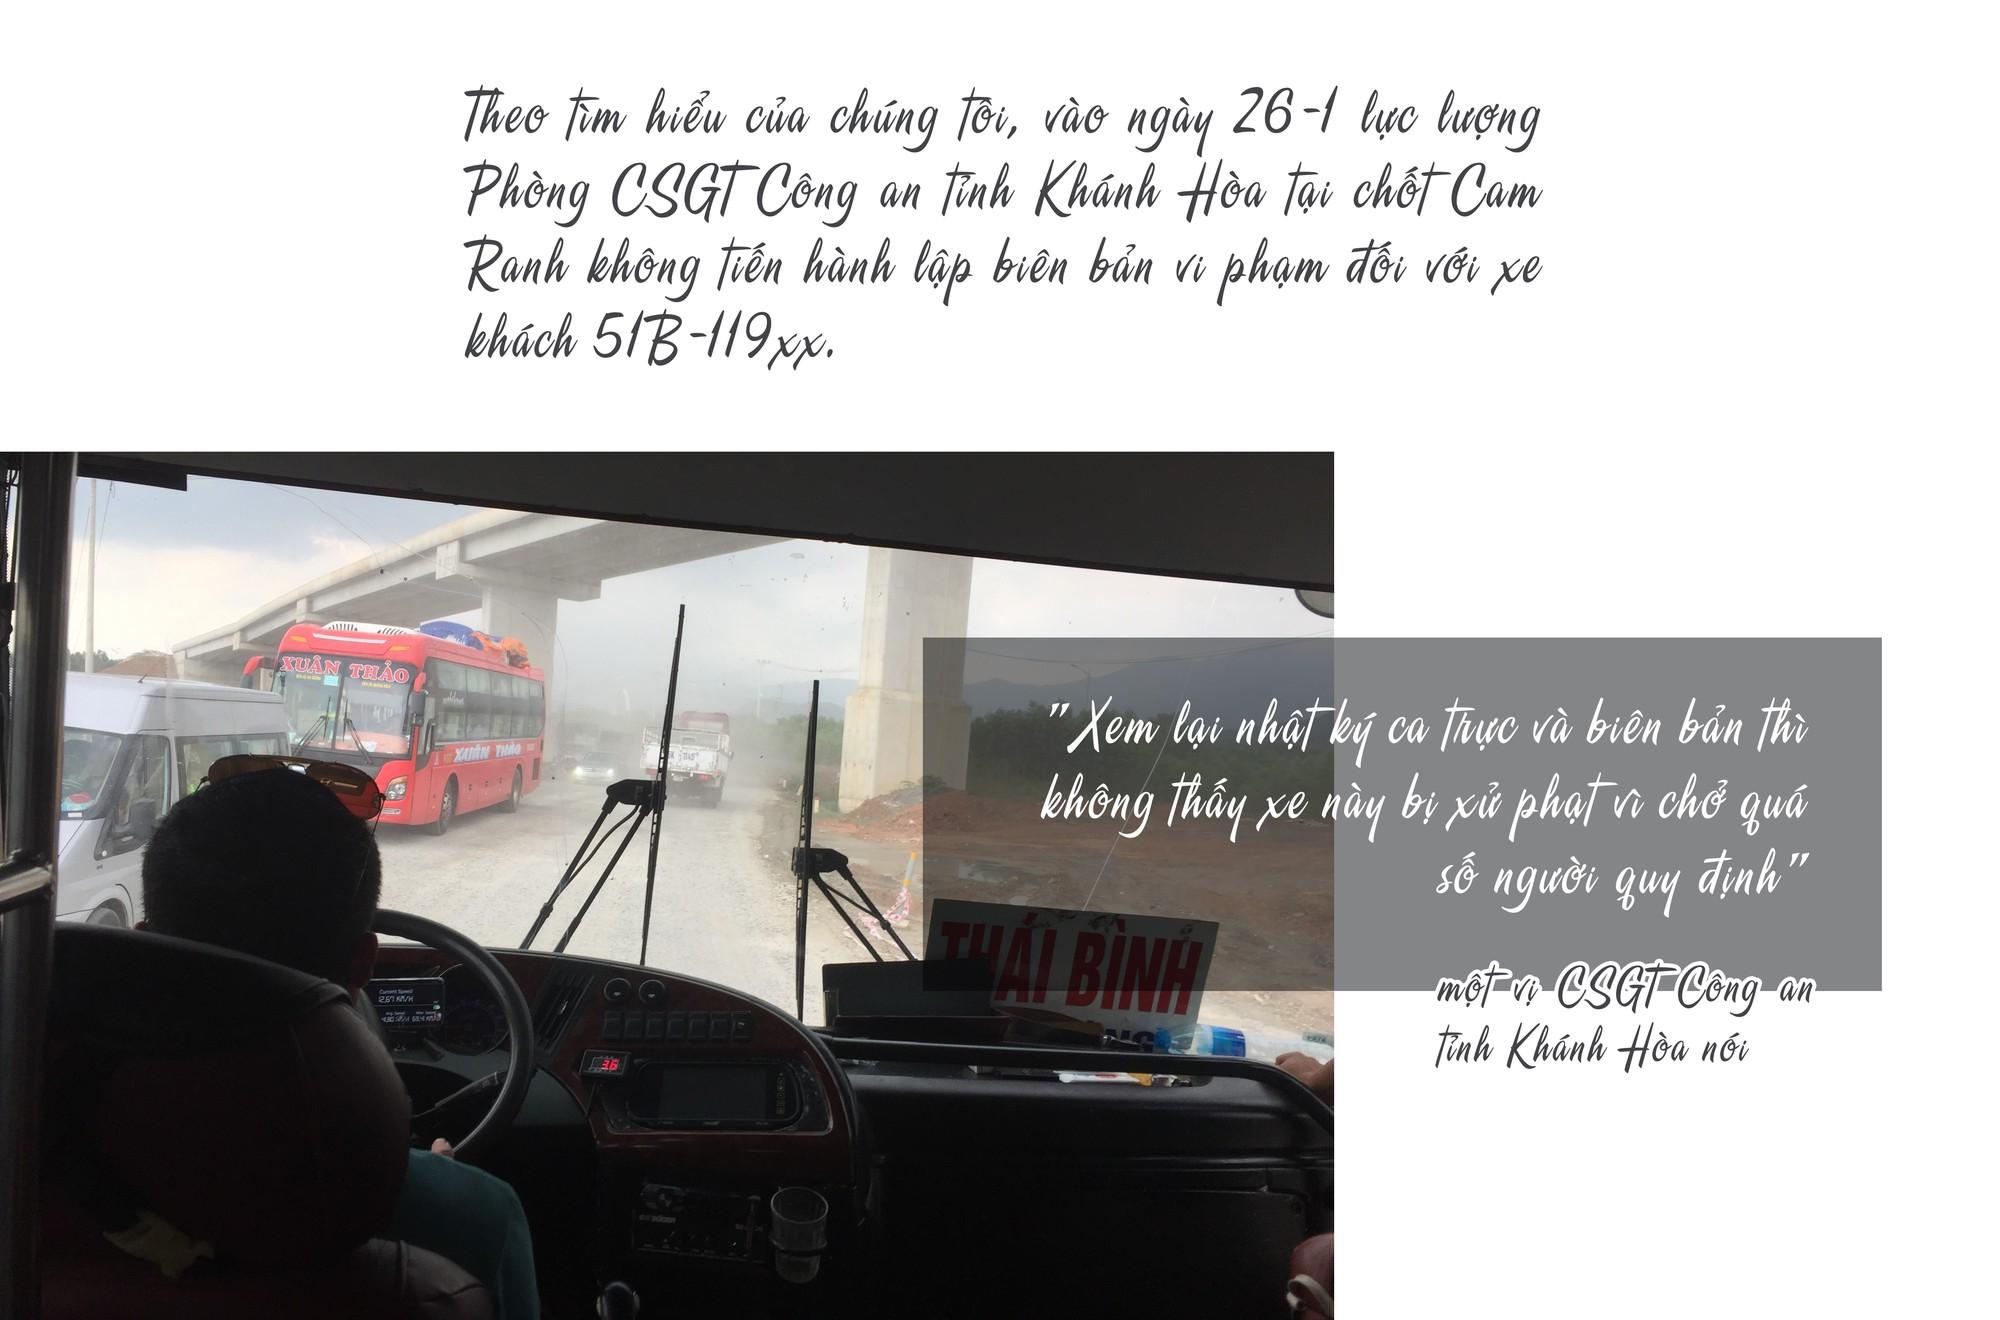 [eMagazine] - Những phút đối đầu giữa tài xế xe khách chạy Tết với CSGT - Ảnh 7.